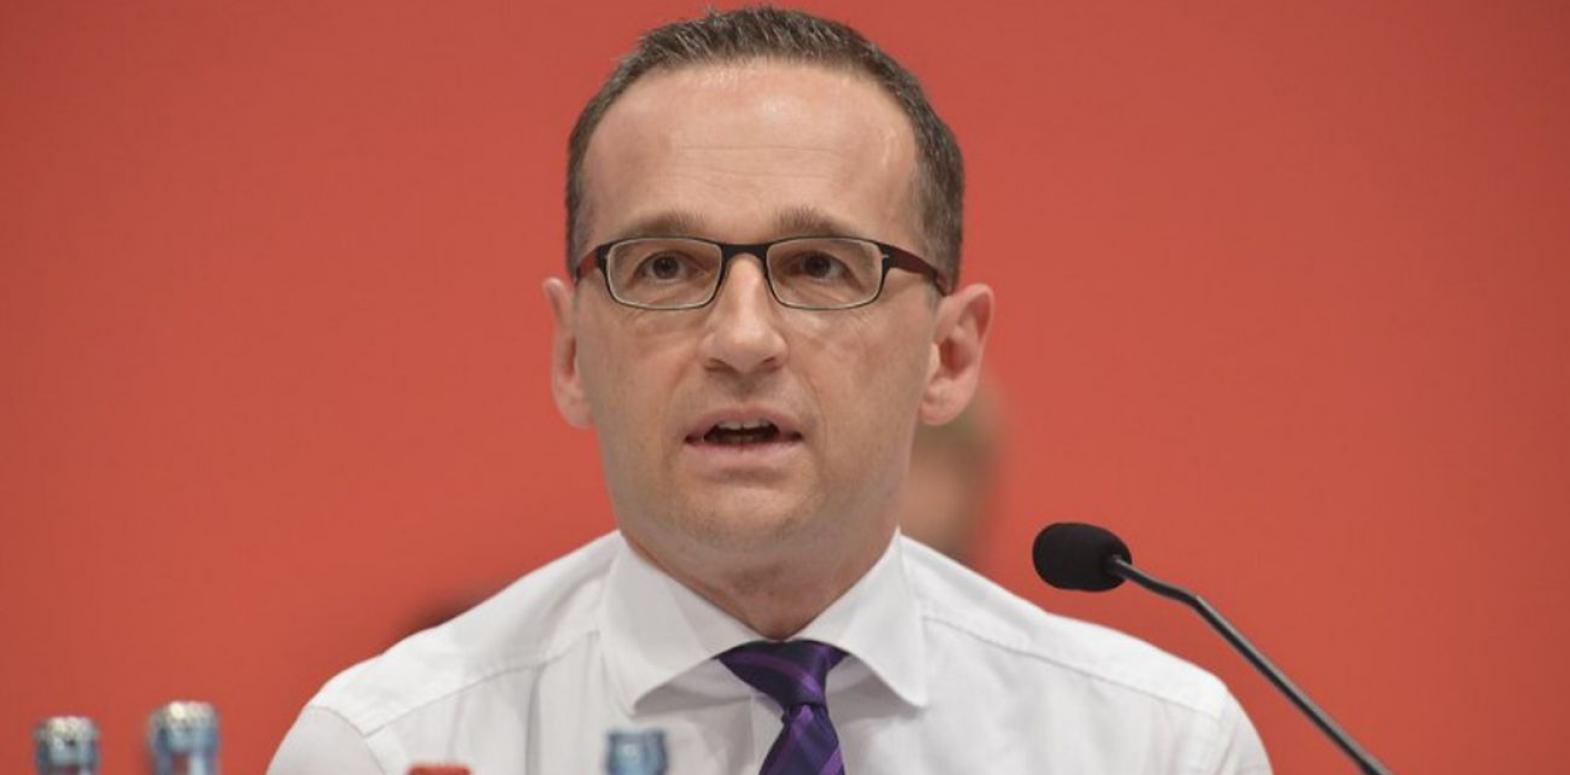 """Германия рассчитывает договориться с администрацией Байдена по """"Северному потоку-2"""""""